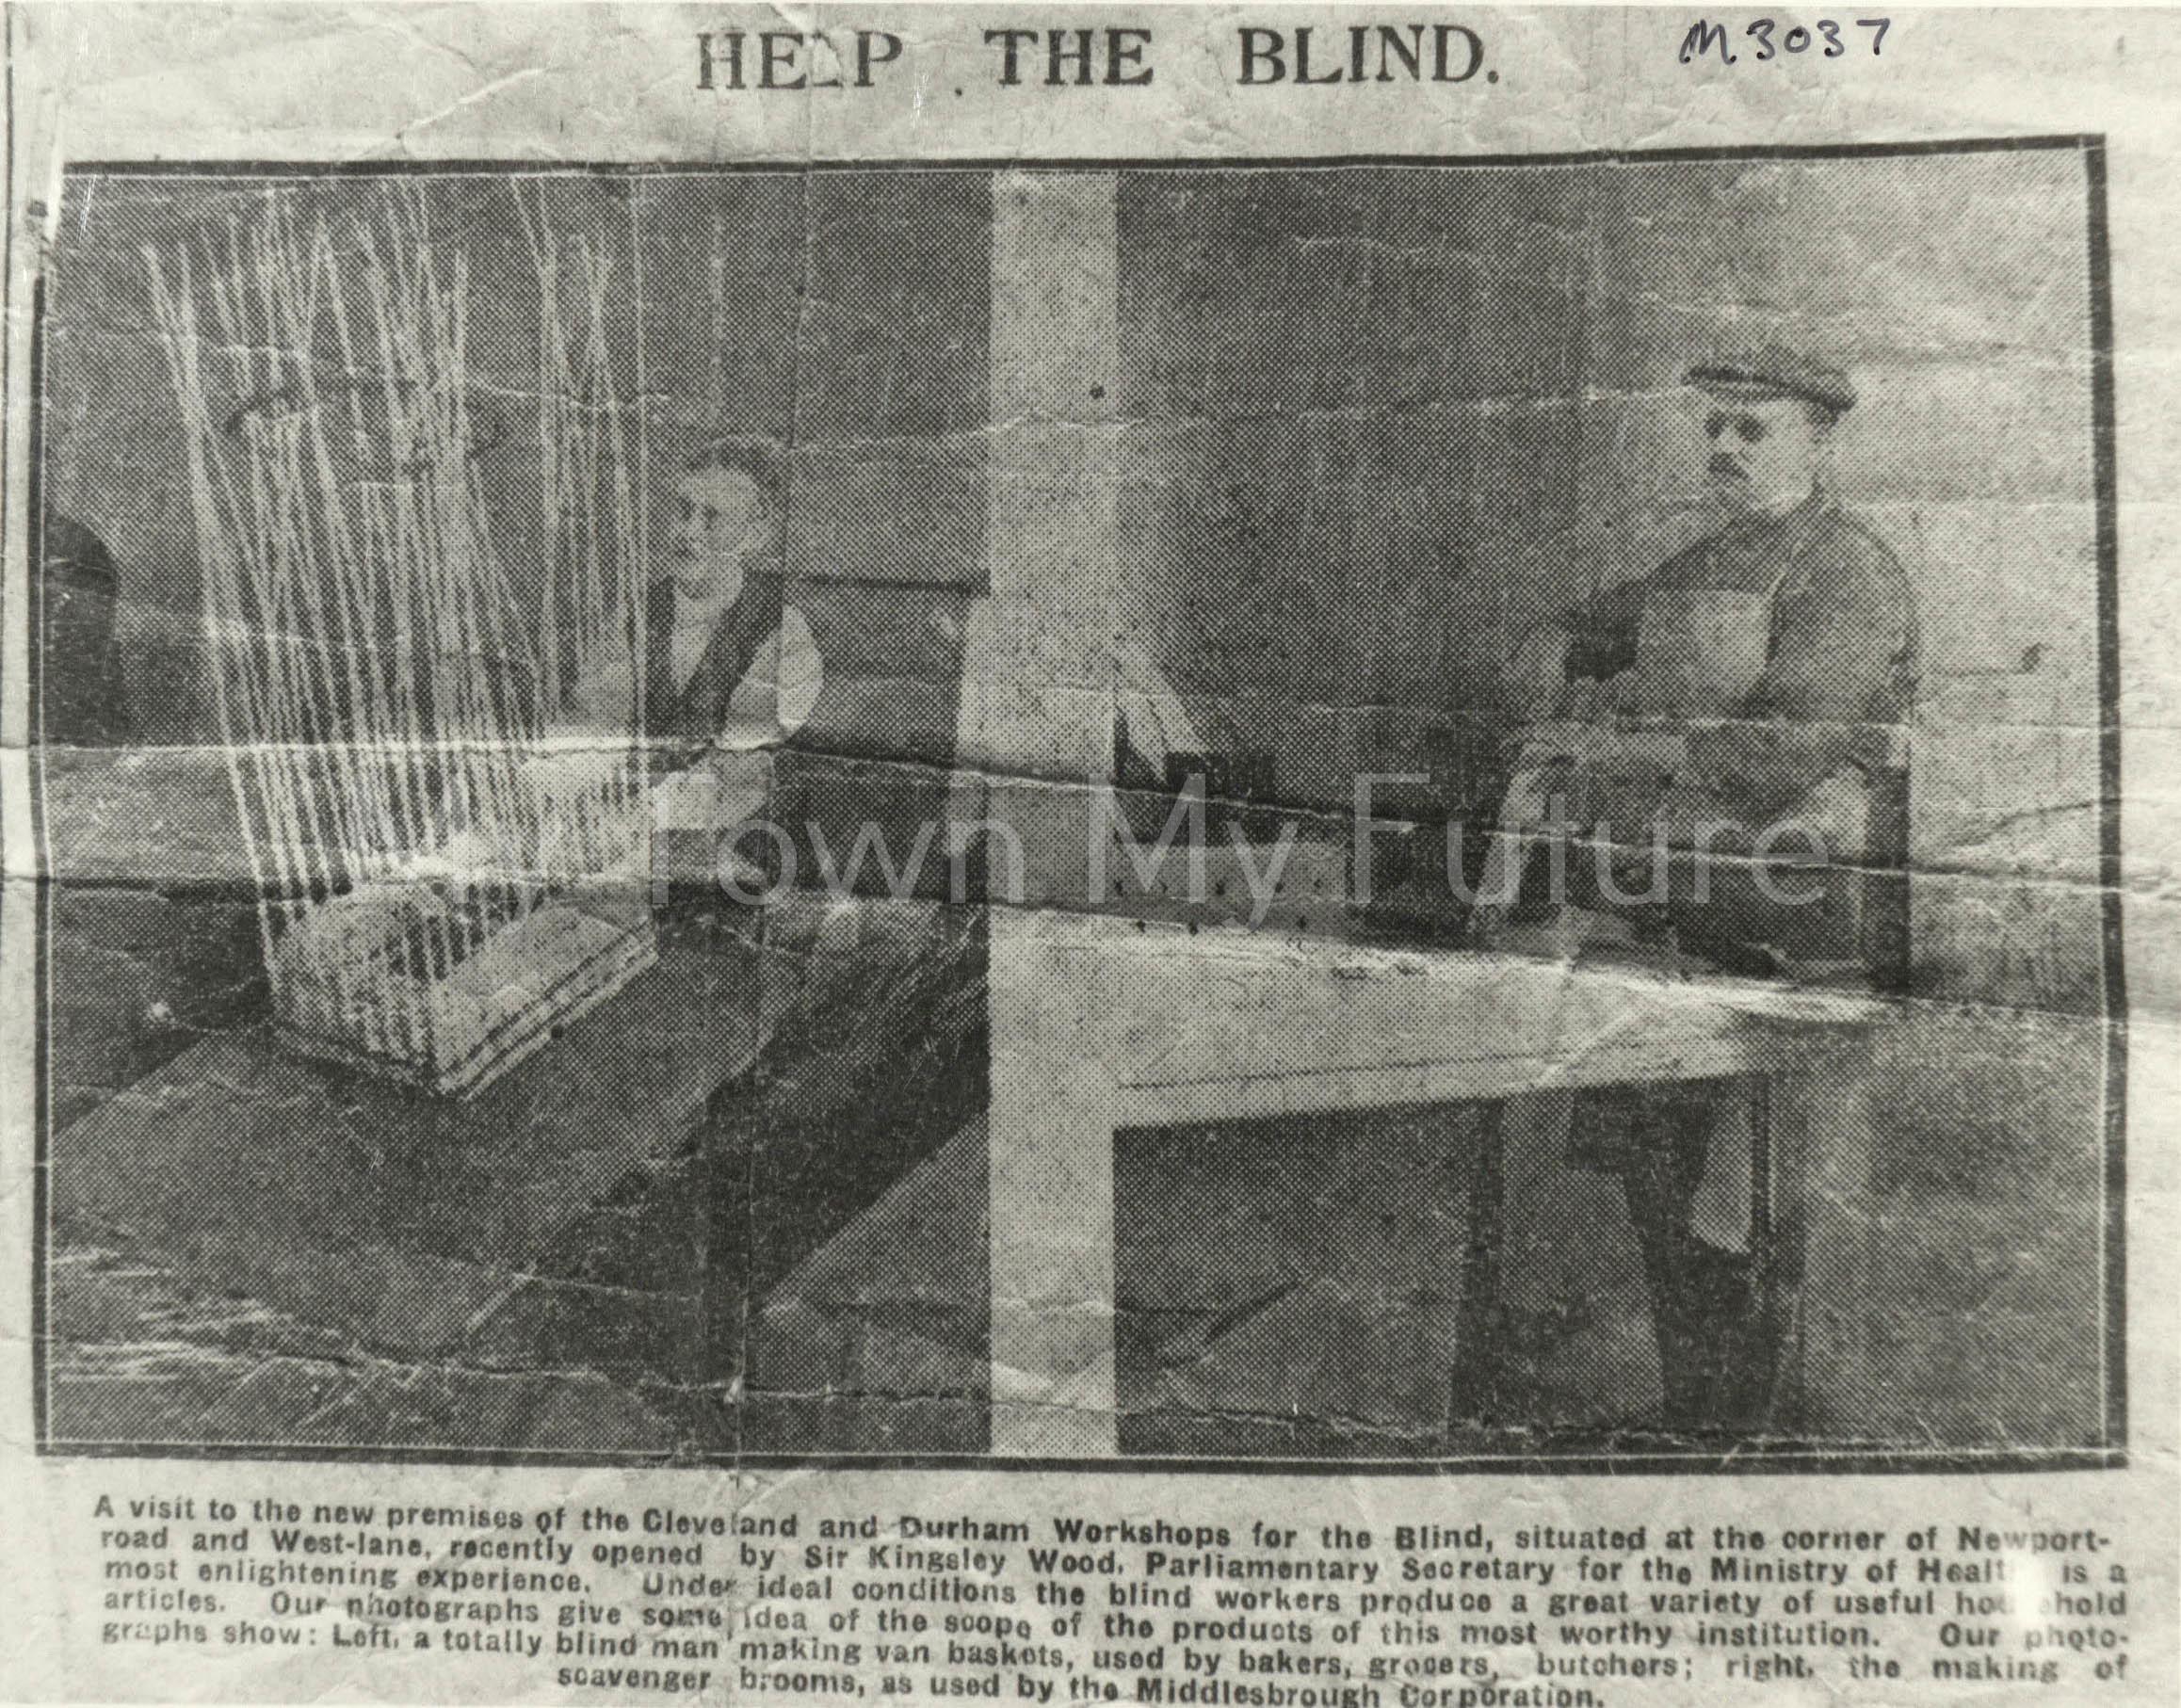 Cleveland & Durham Workshops For The Blind